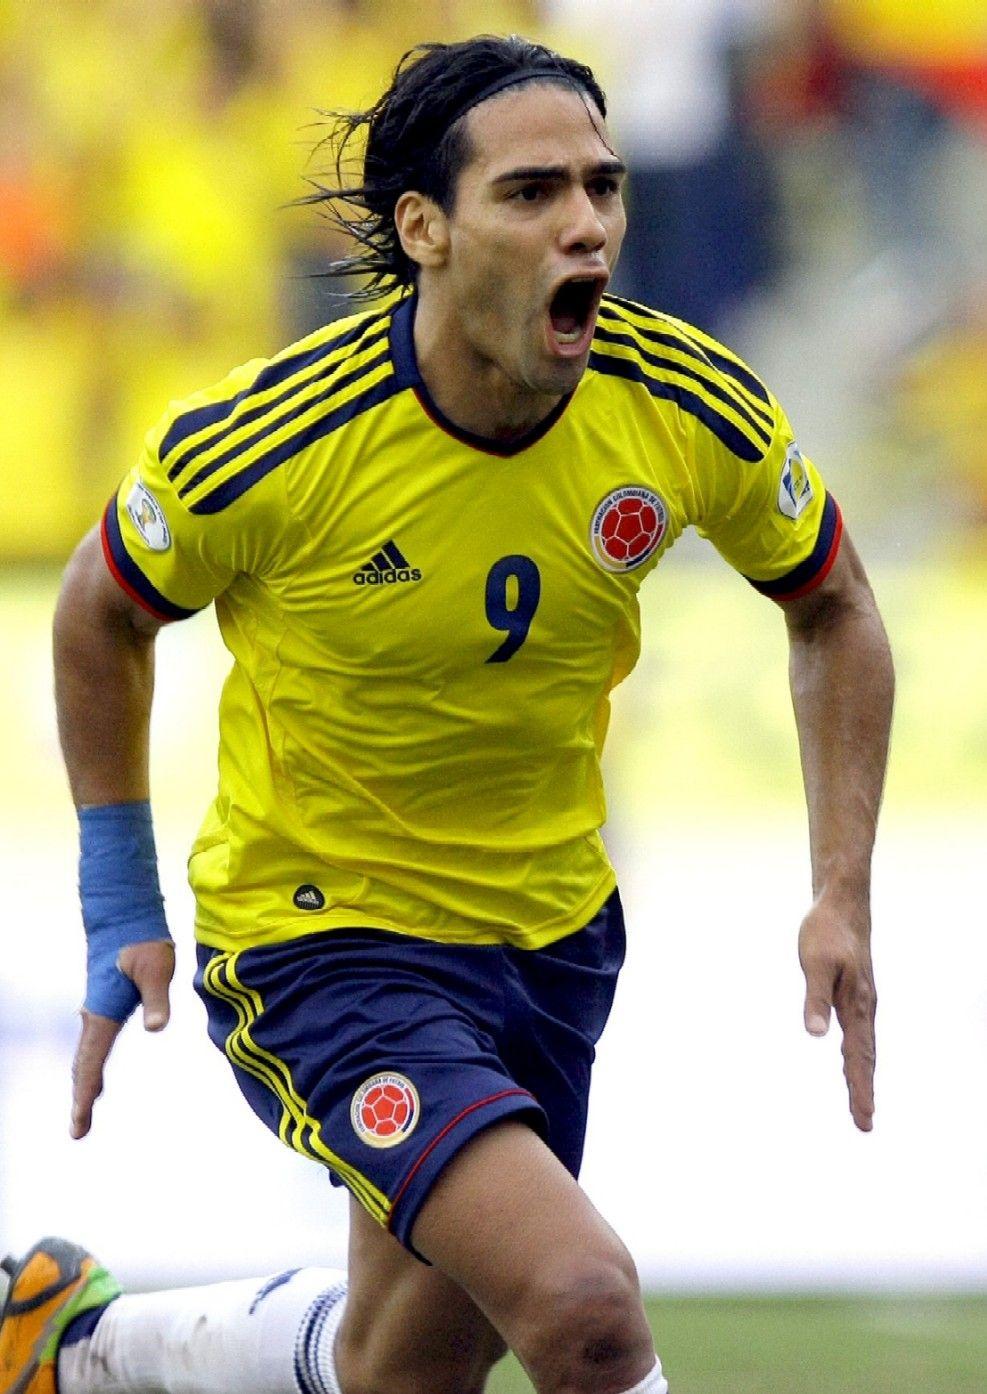 Radamel Falcao Colombia National Team Seleccion Colombiana De